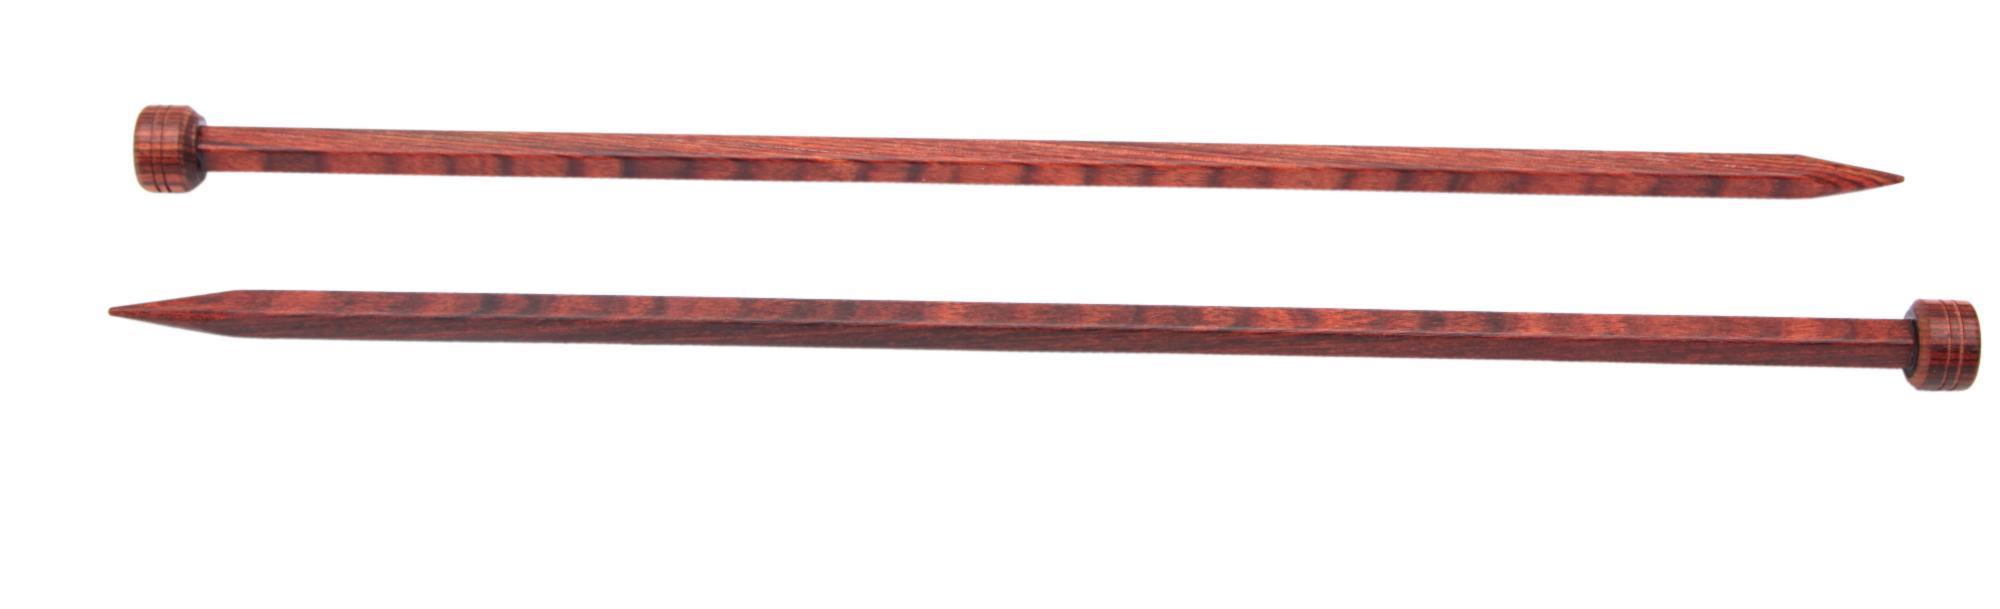 Спицы прямые 25 см Cubics Symfonie-Rose KnitPro, 25242, 7.00 мм